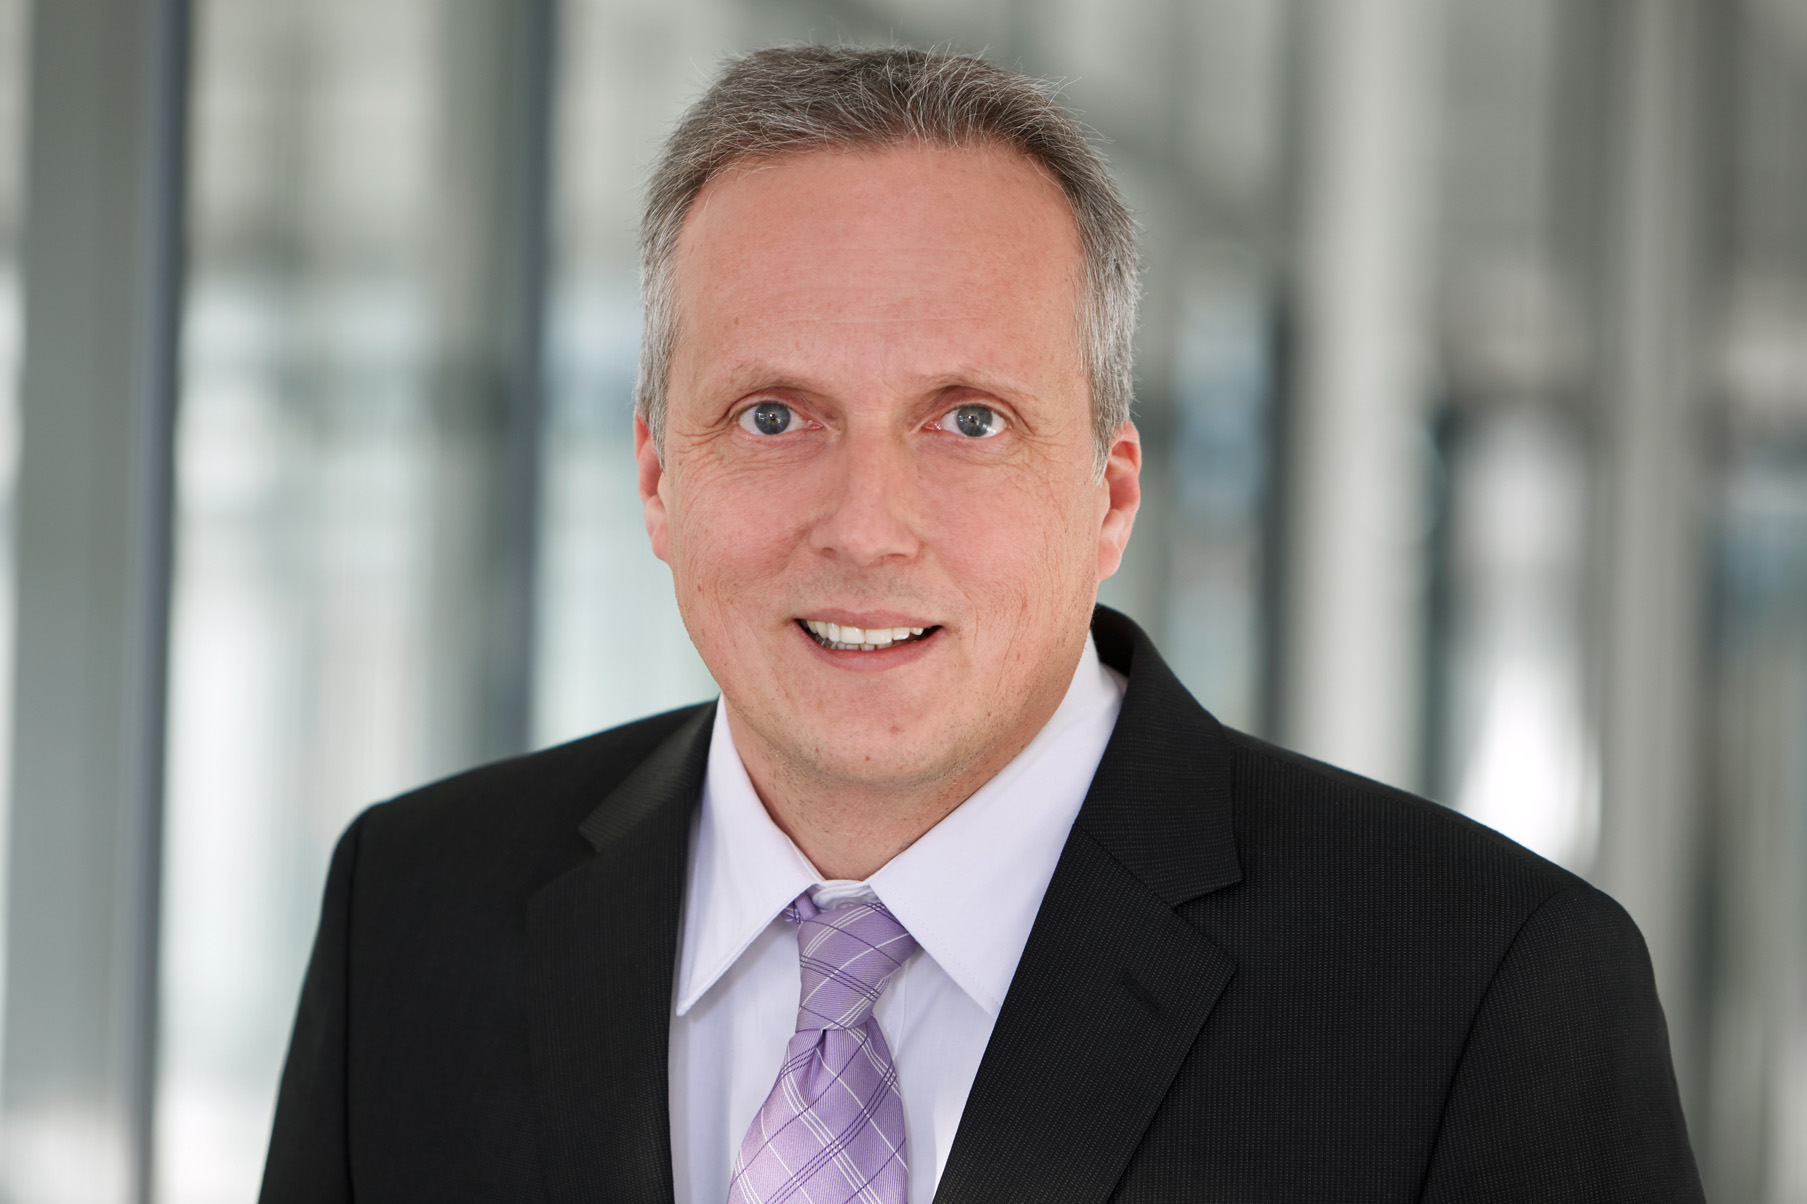 Bernhard Dillhage